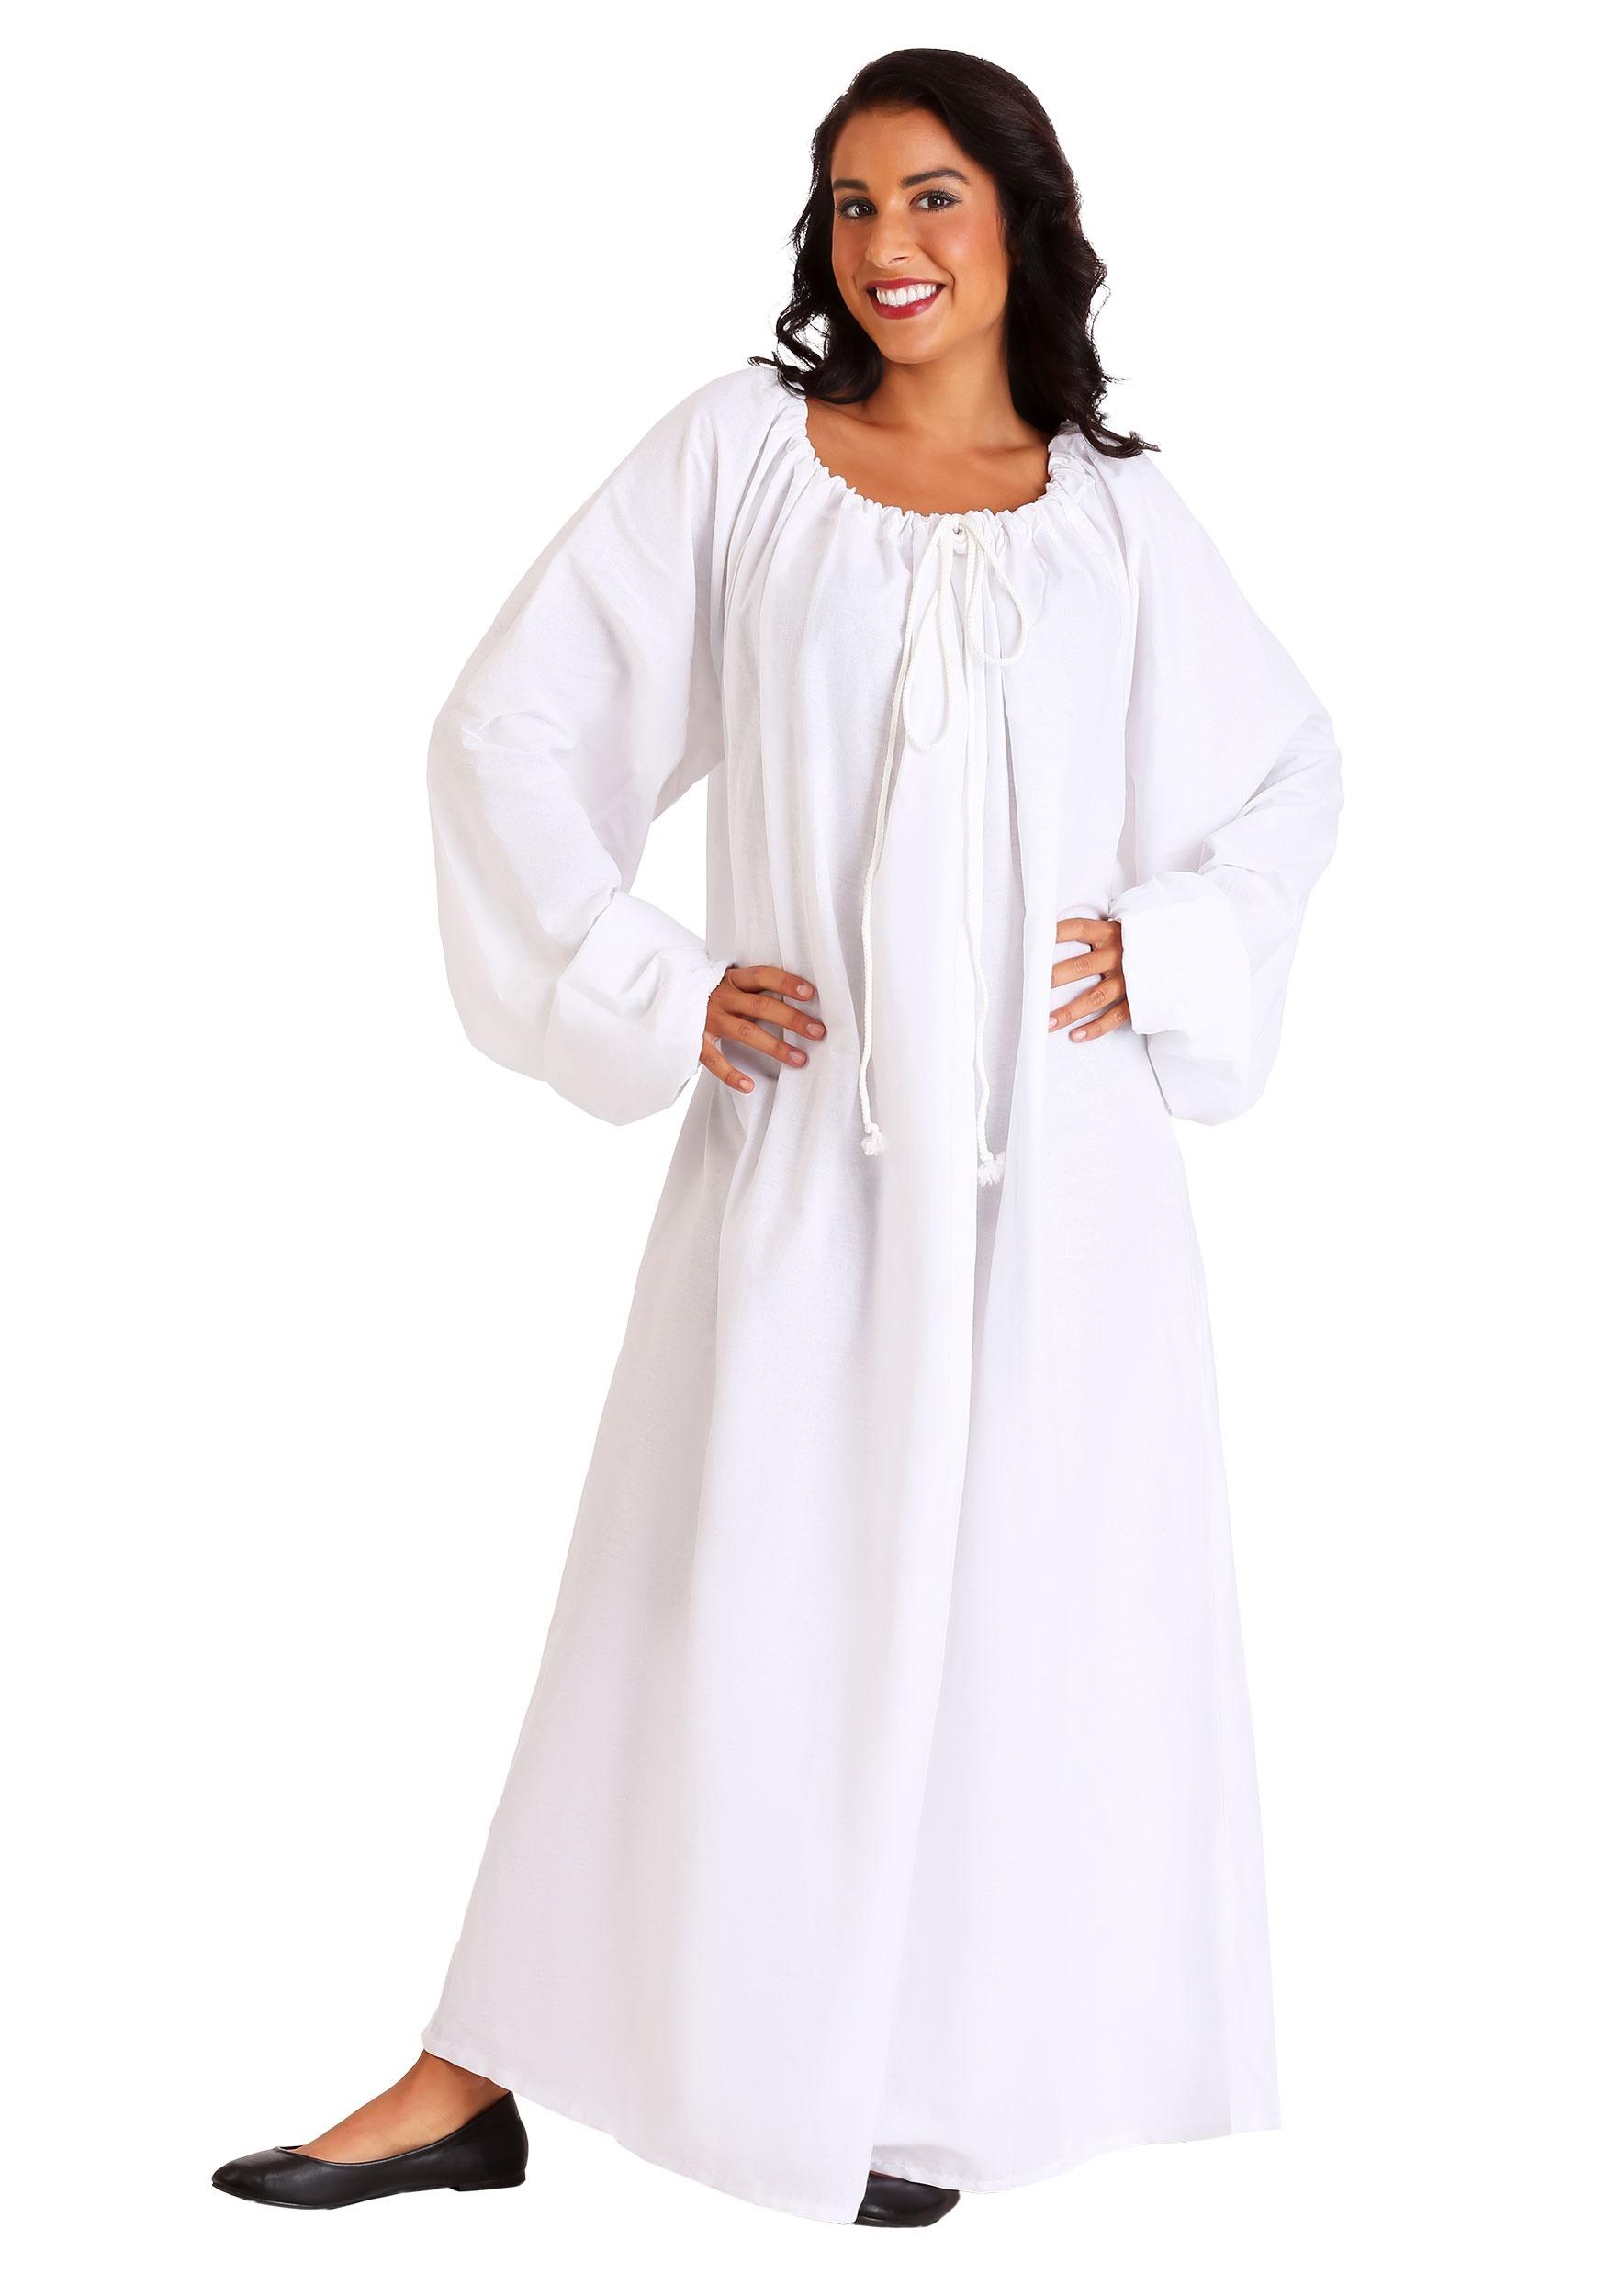 83e155ad9e7 White Renaissance Chemise Costume update1